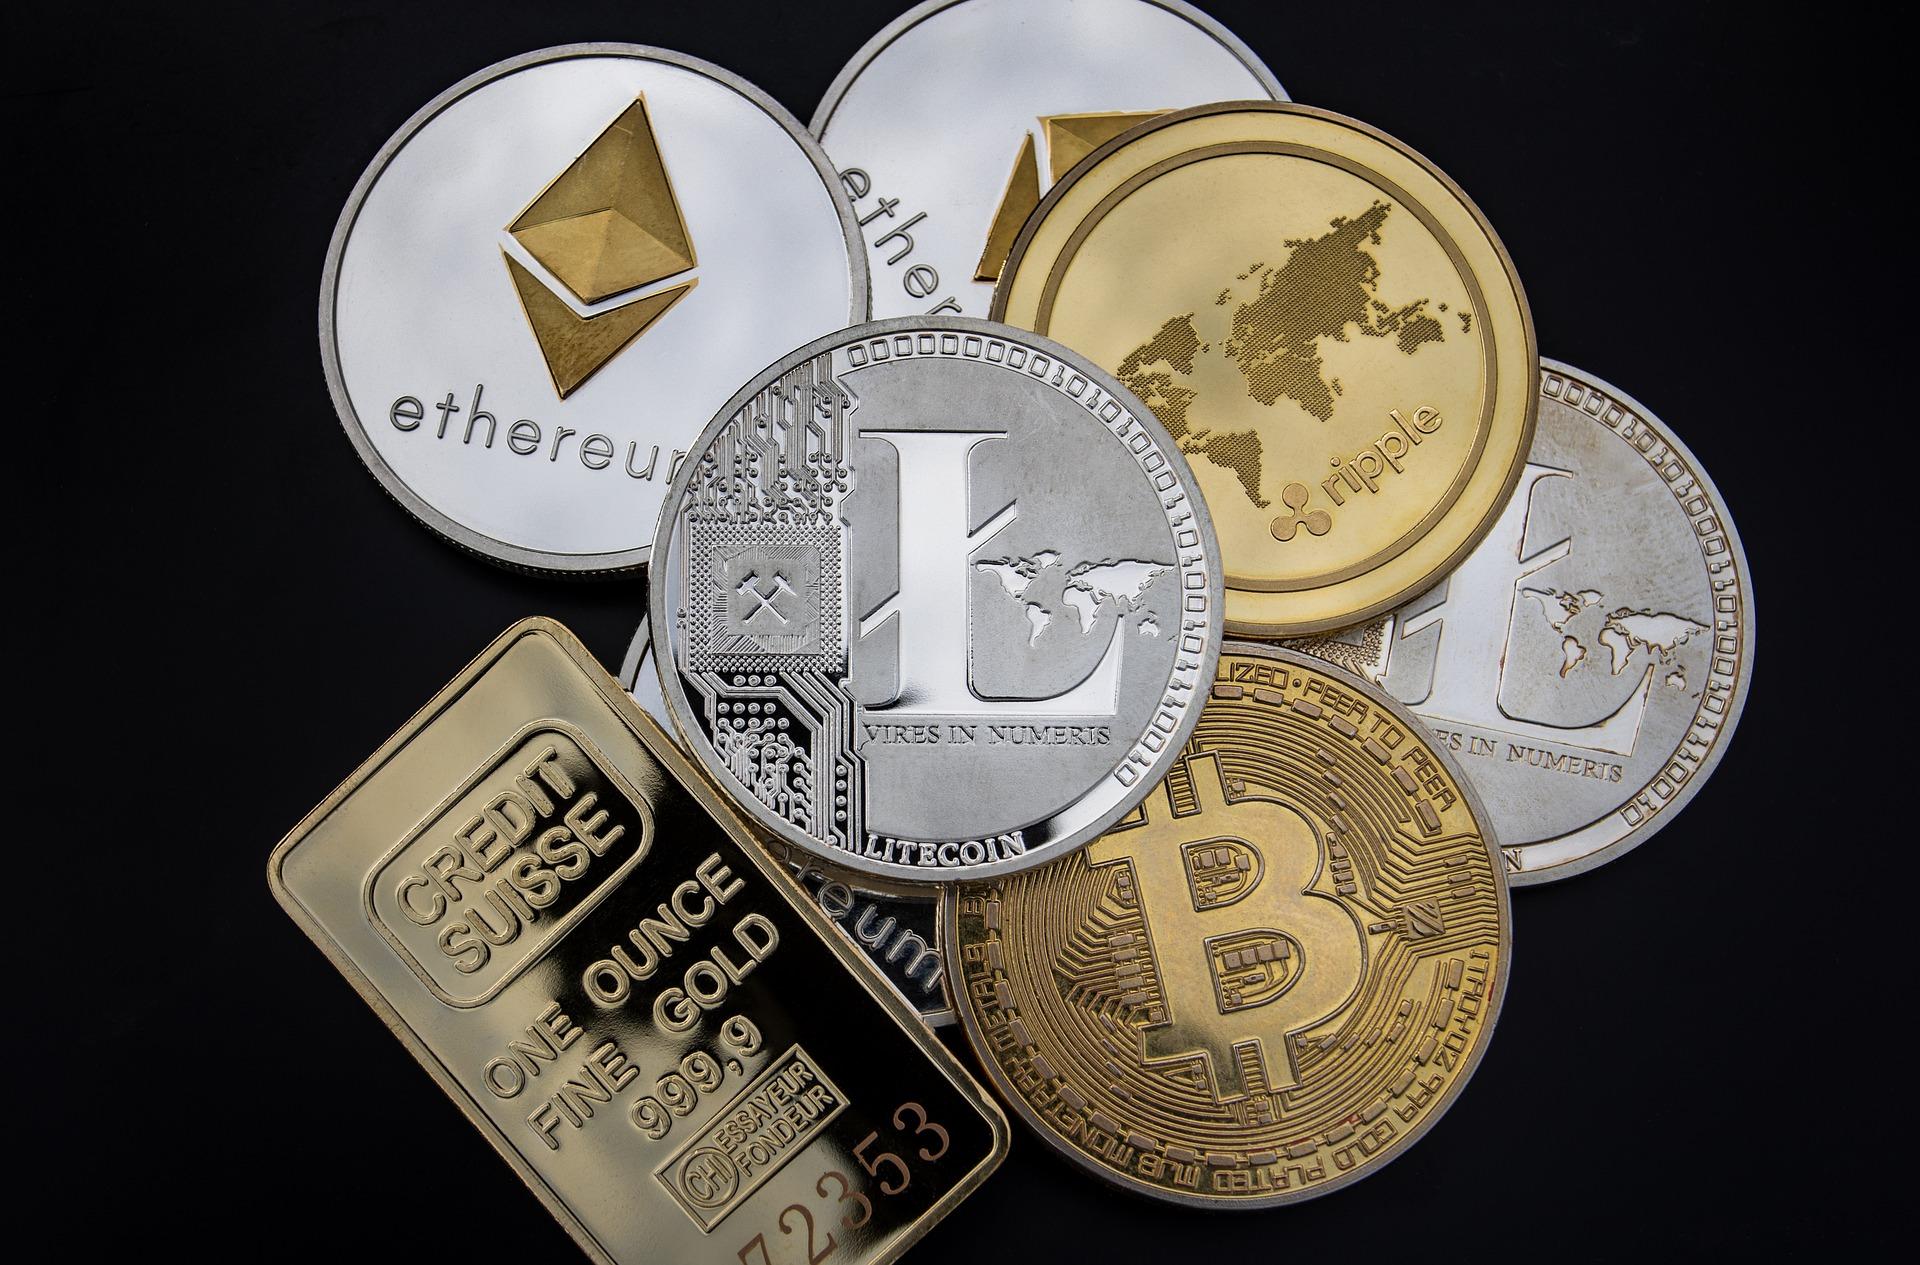 Koop bitcoins met ideaal – hoe het te doen?